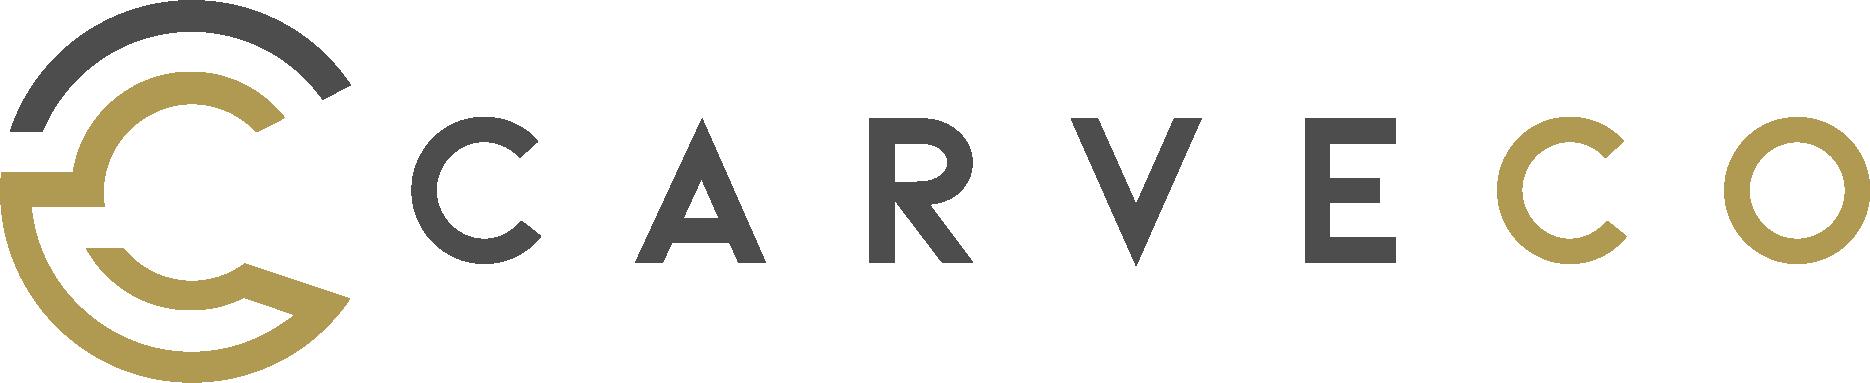 Carveco